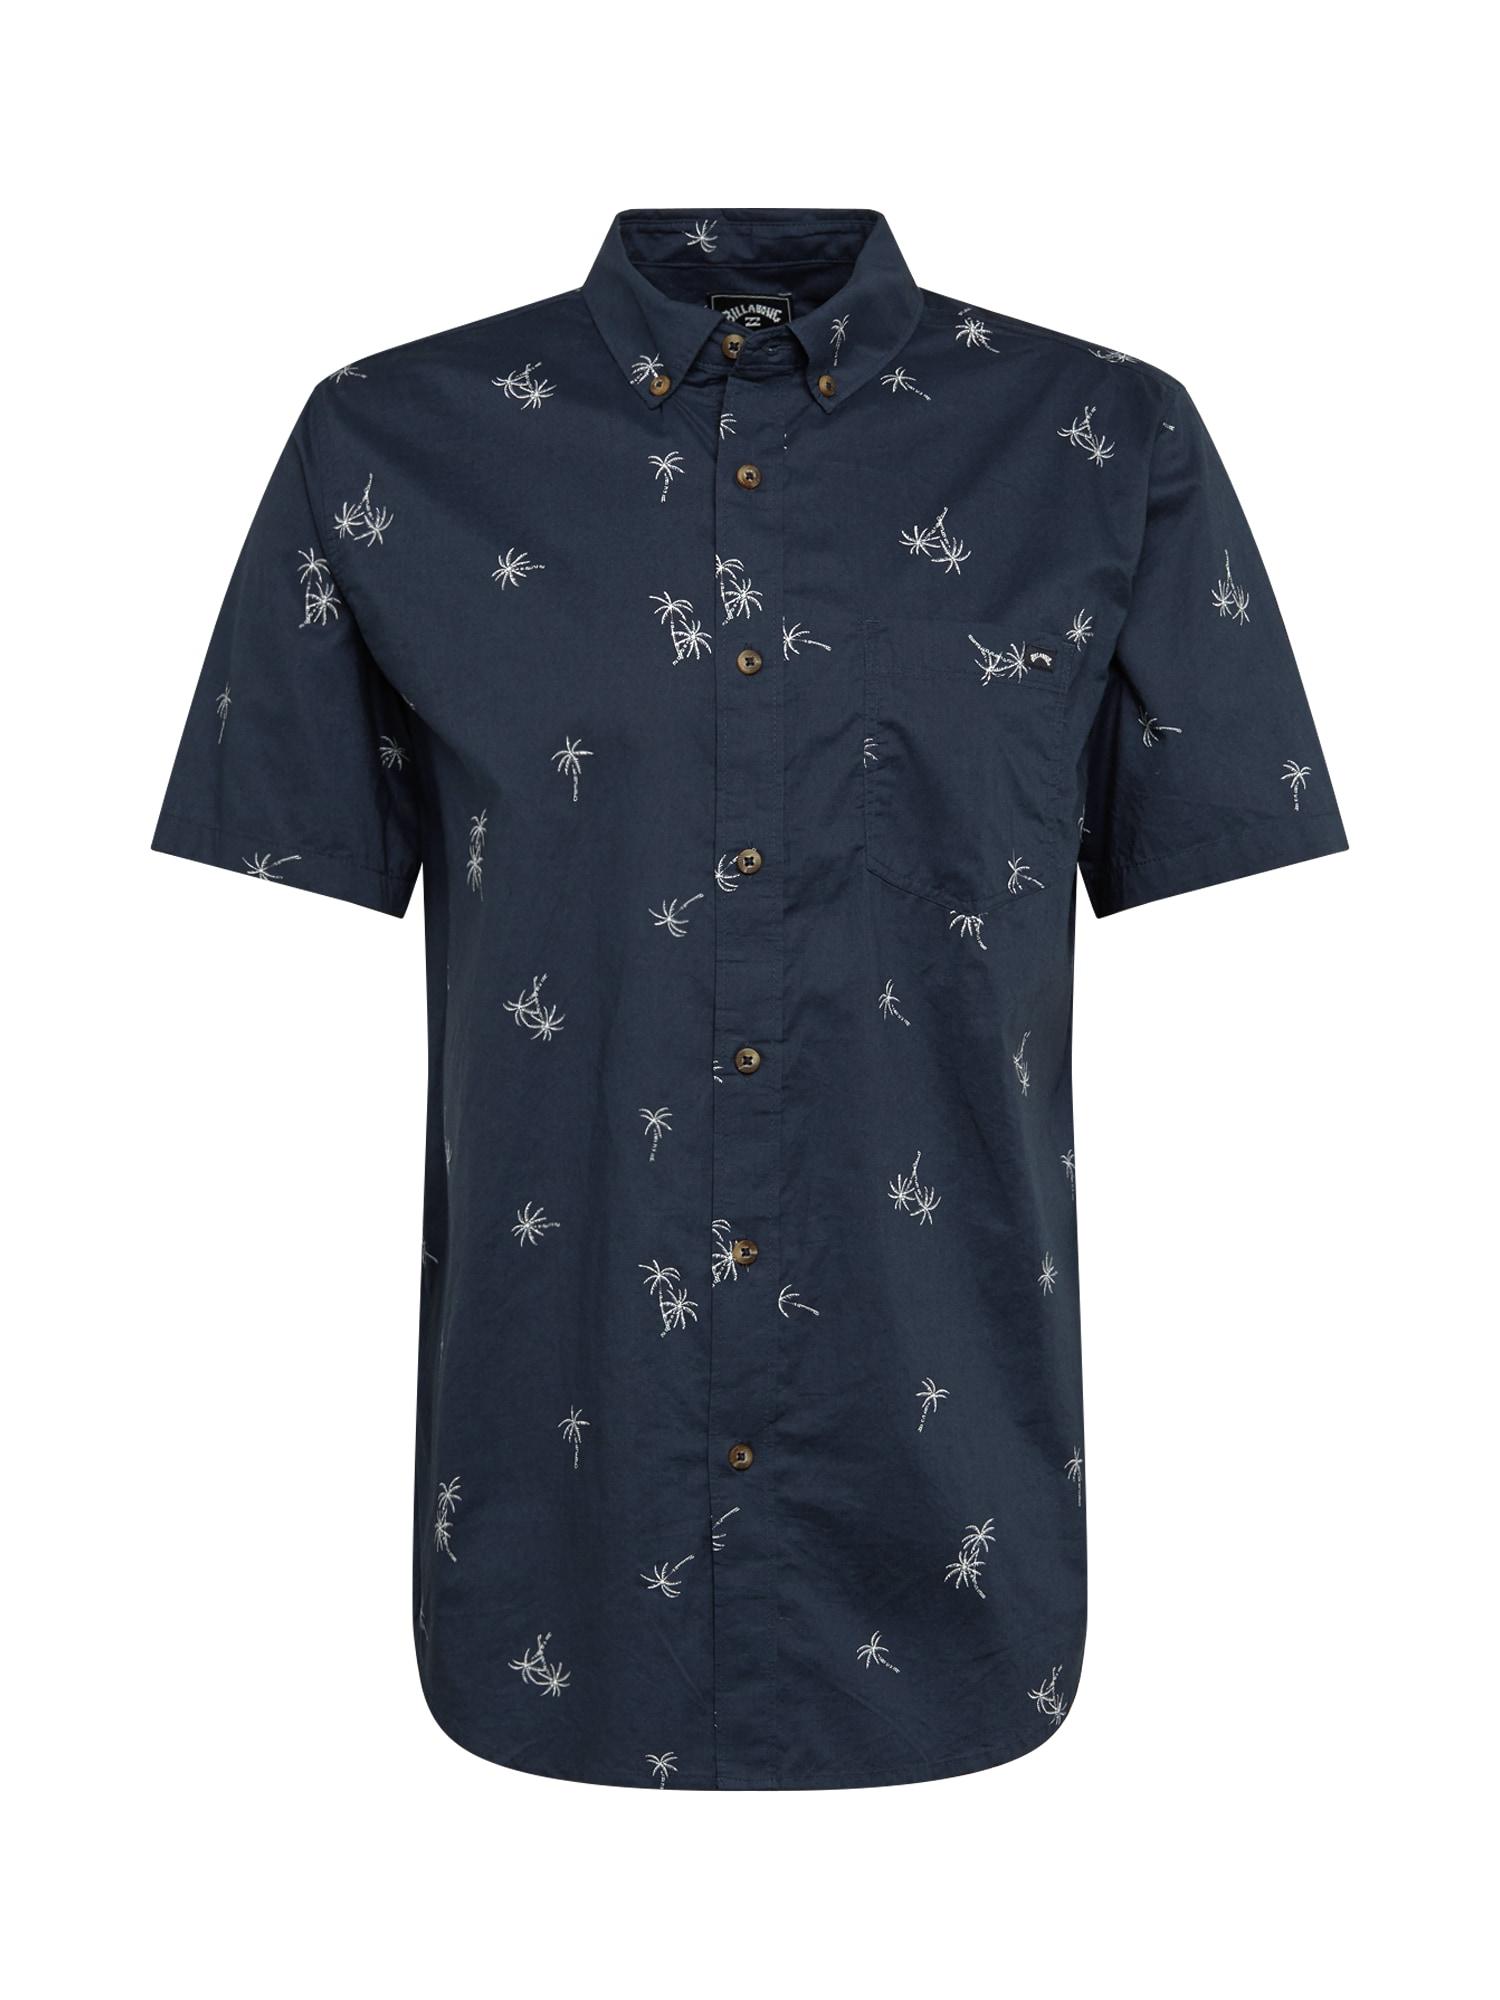 BILLABONG Dalykiniai marškiniai 'Dope Dyed' tamsiai mėlyna